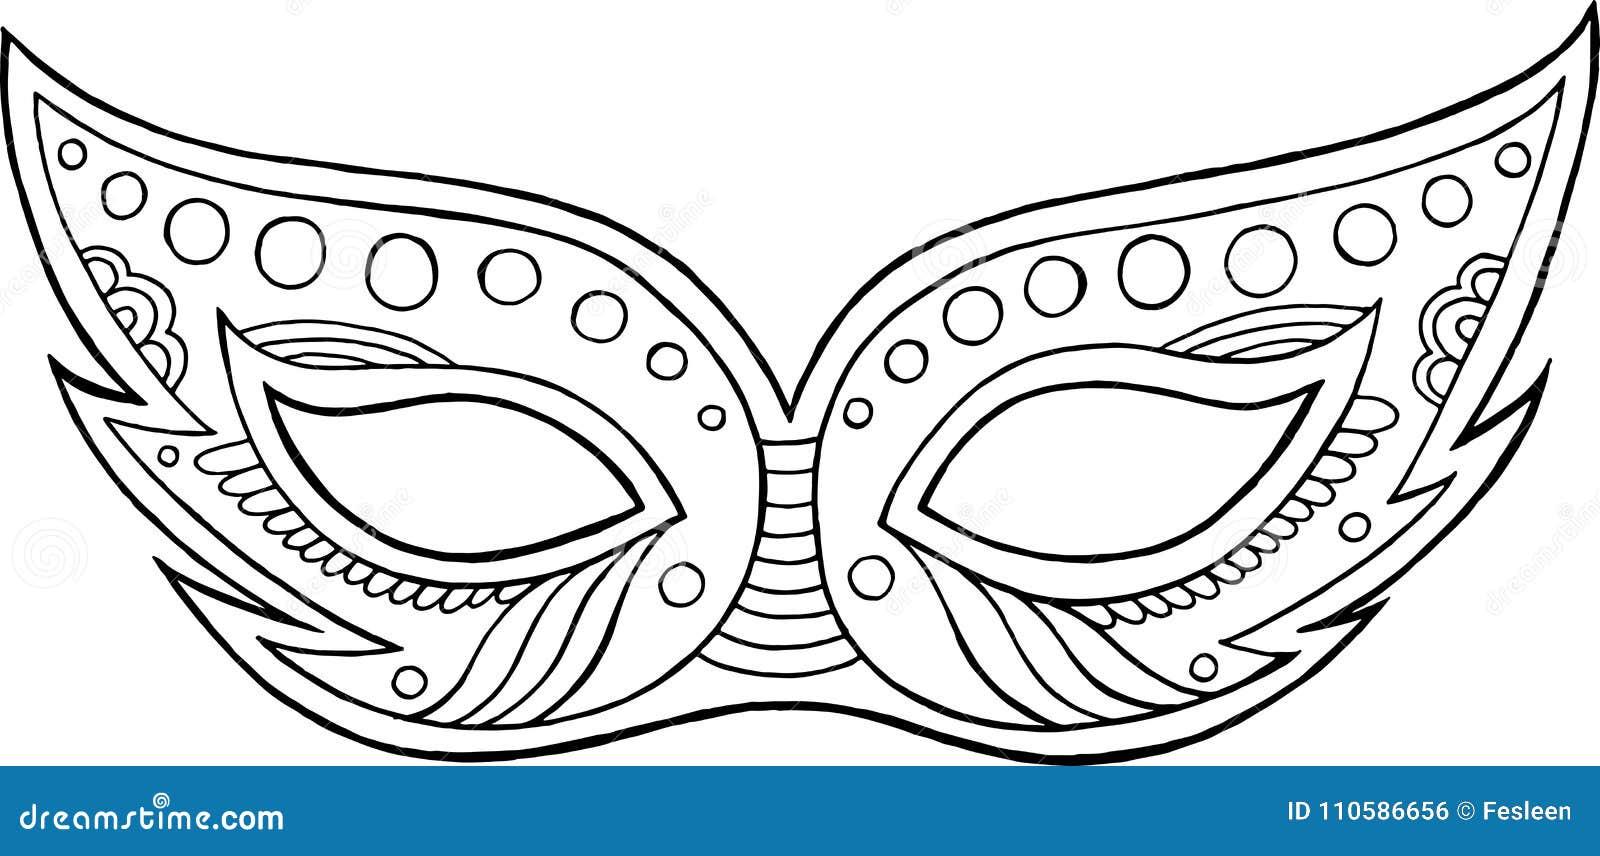 Máscara De Mardi Gras - Elemento Aislado Esquema Página Que Colorea ...